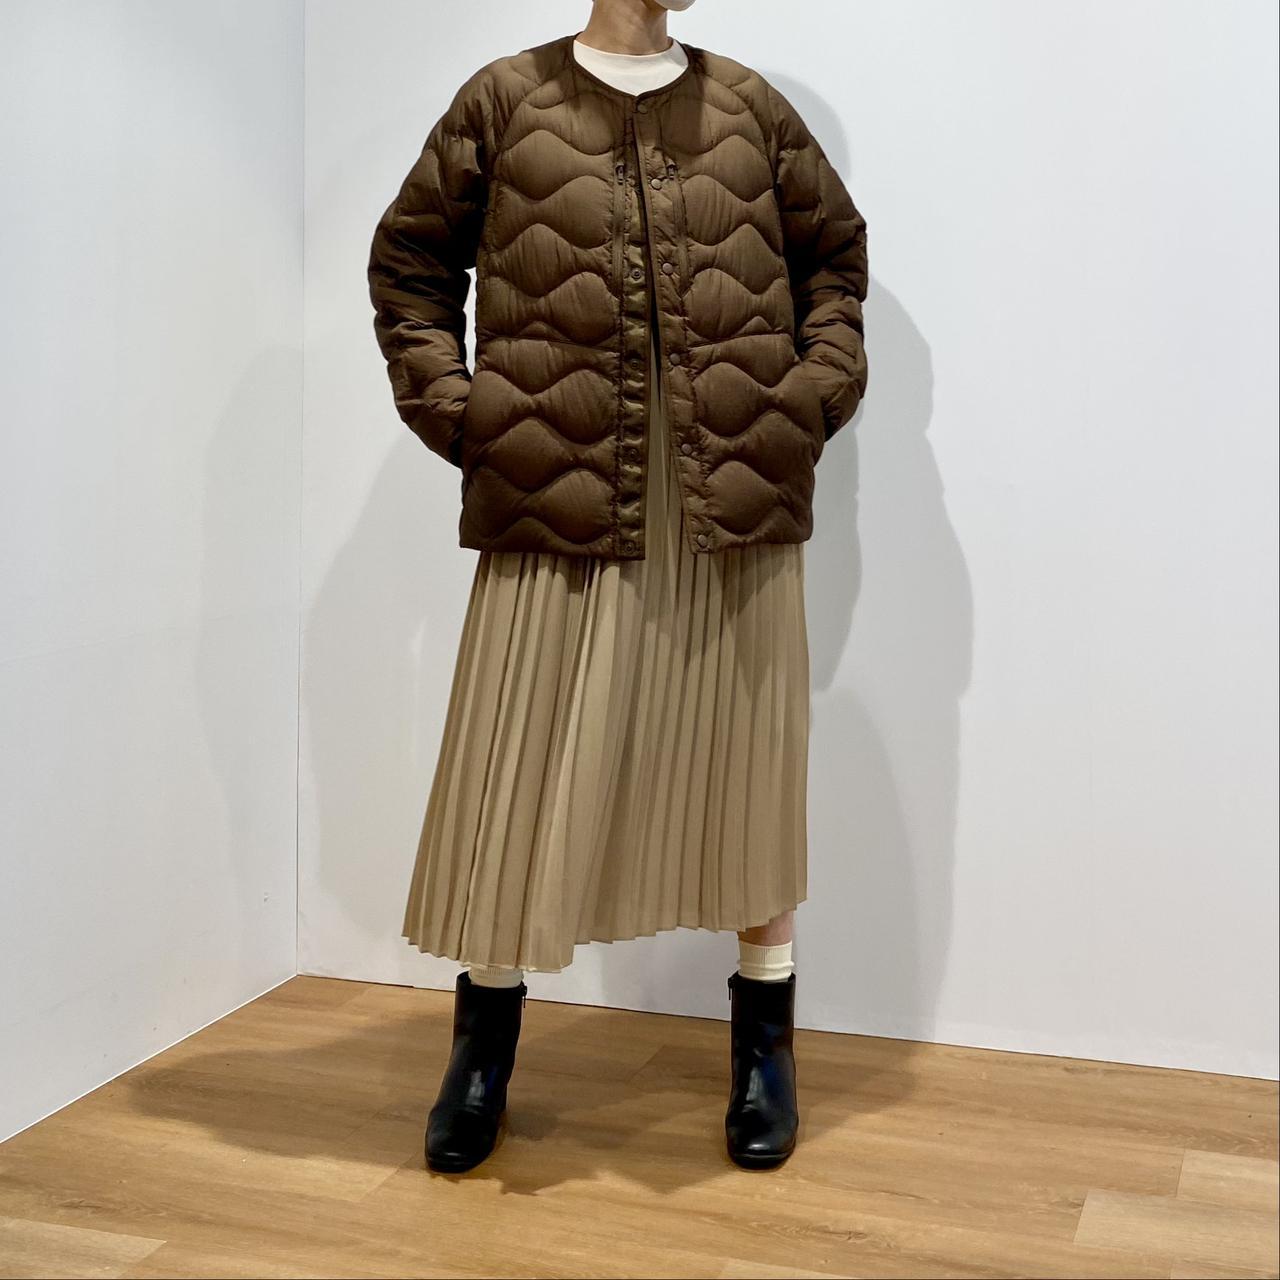 画像1: ウルトラライトダウンオーバーサイズジャケット¥7,990/ユニクロ(ユニクロ アンド ホワイトマウンテニアリング) 出典:fashion trend news